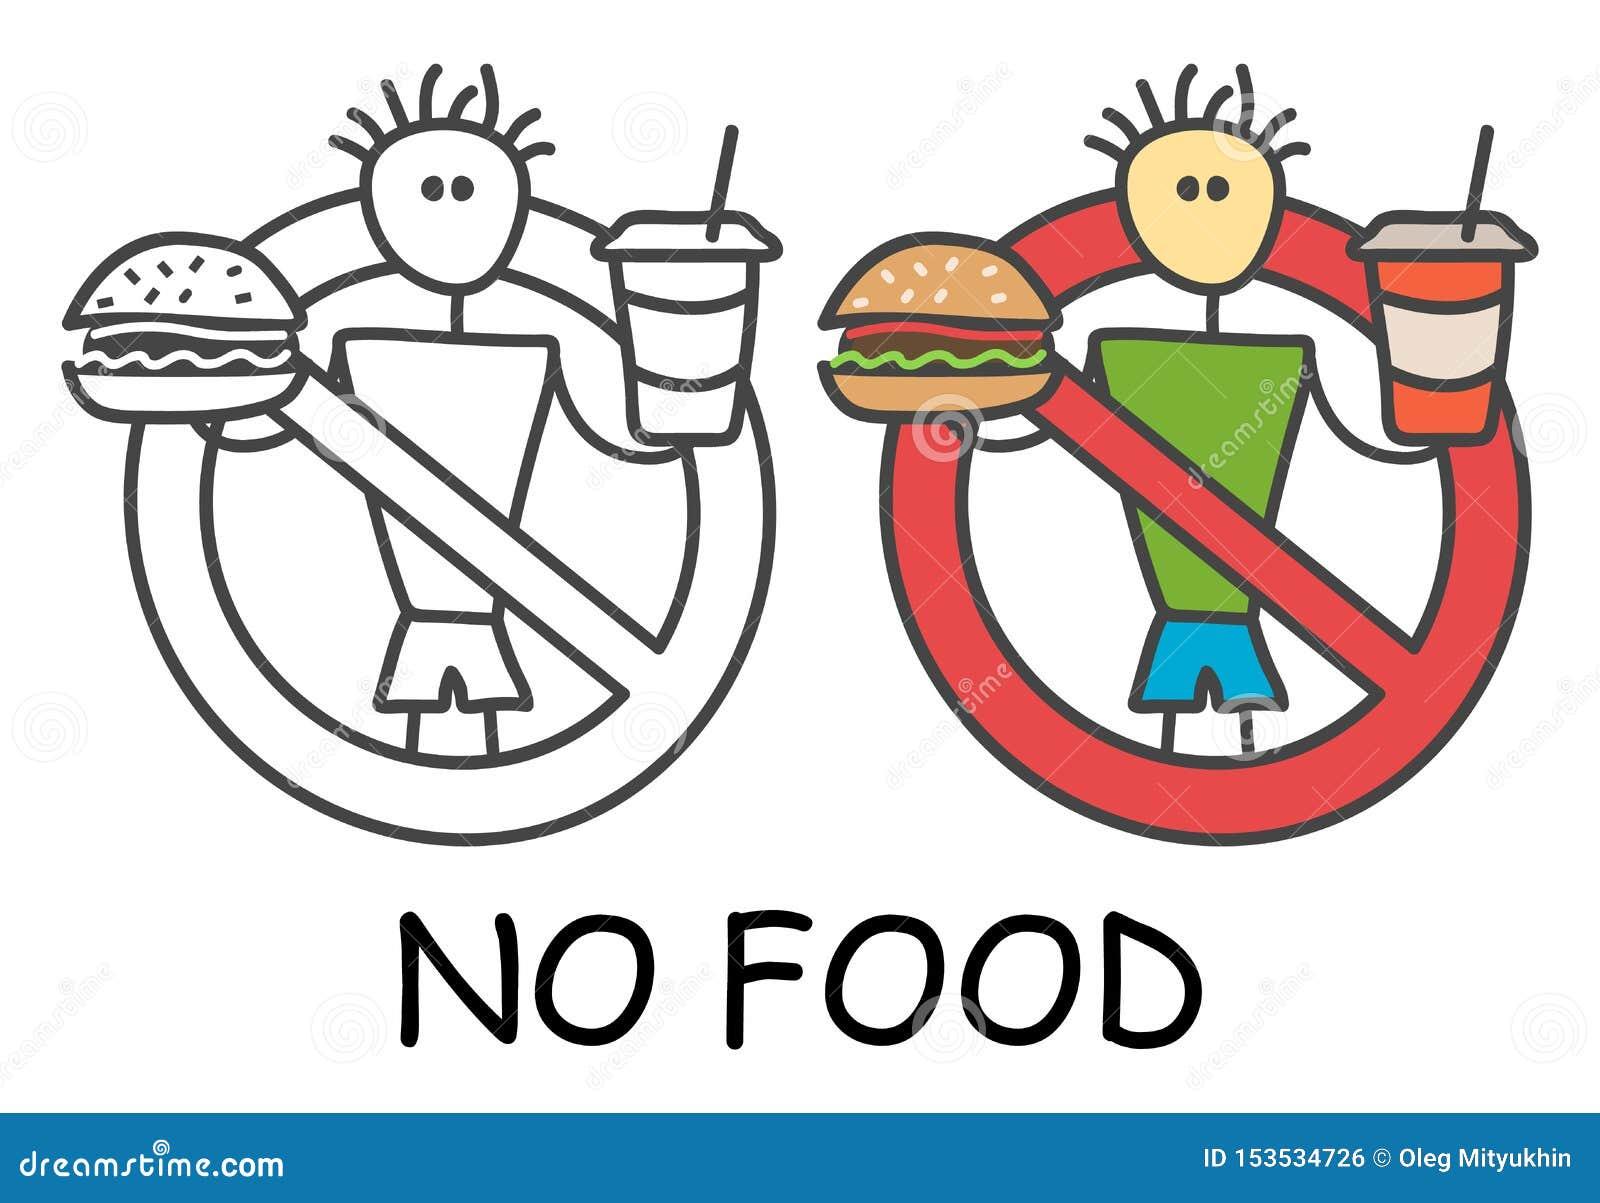 滑稽的传染媒介棍子人用汉堡包和饮料对于儿童样式 没有吃快餐标志红色禁止 o